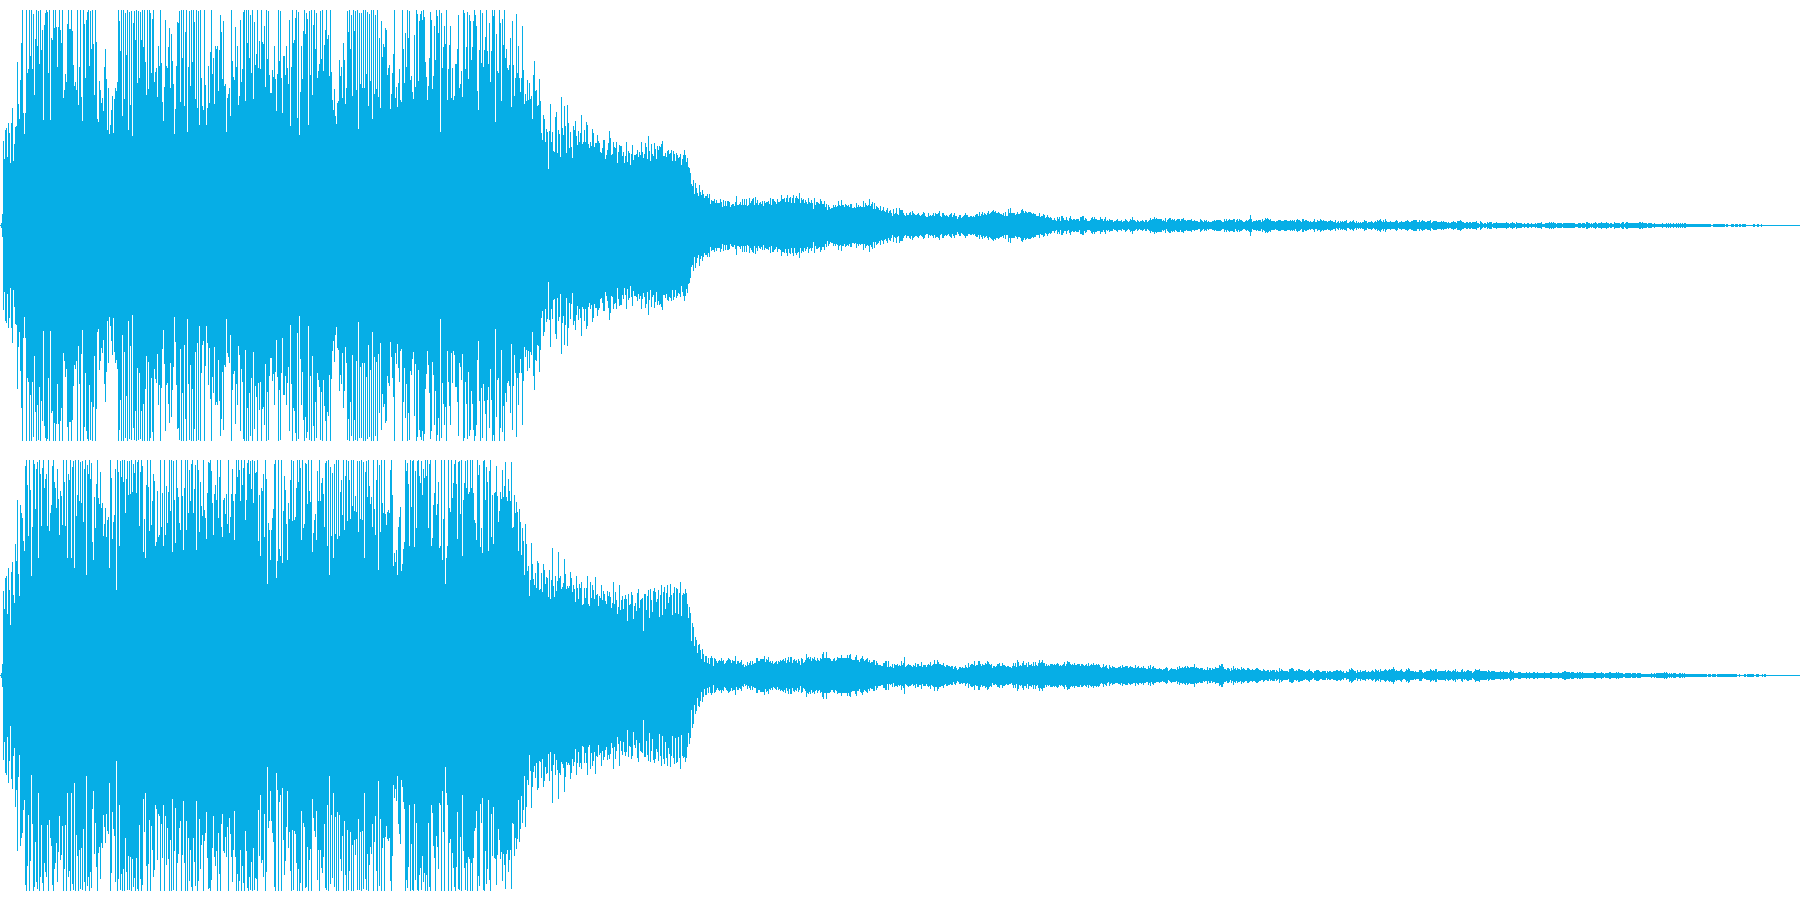 ちょっといいアイテムやコインの取得音の再生済みの波形